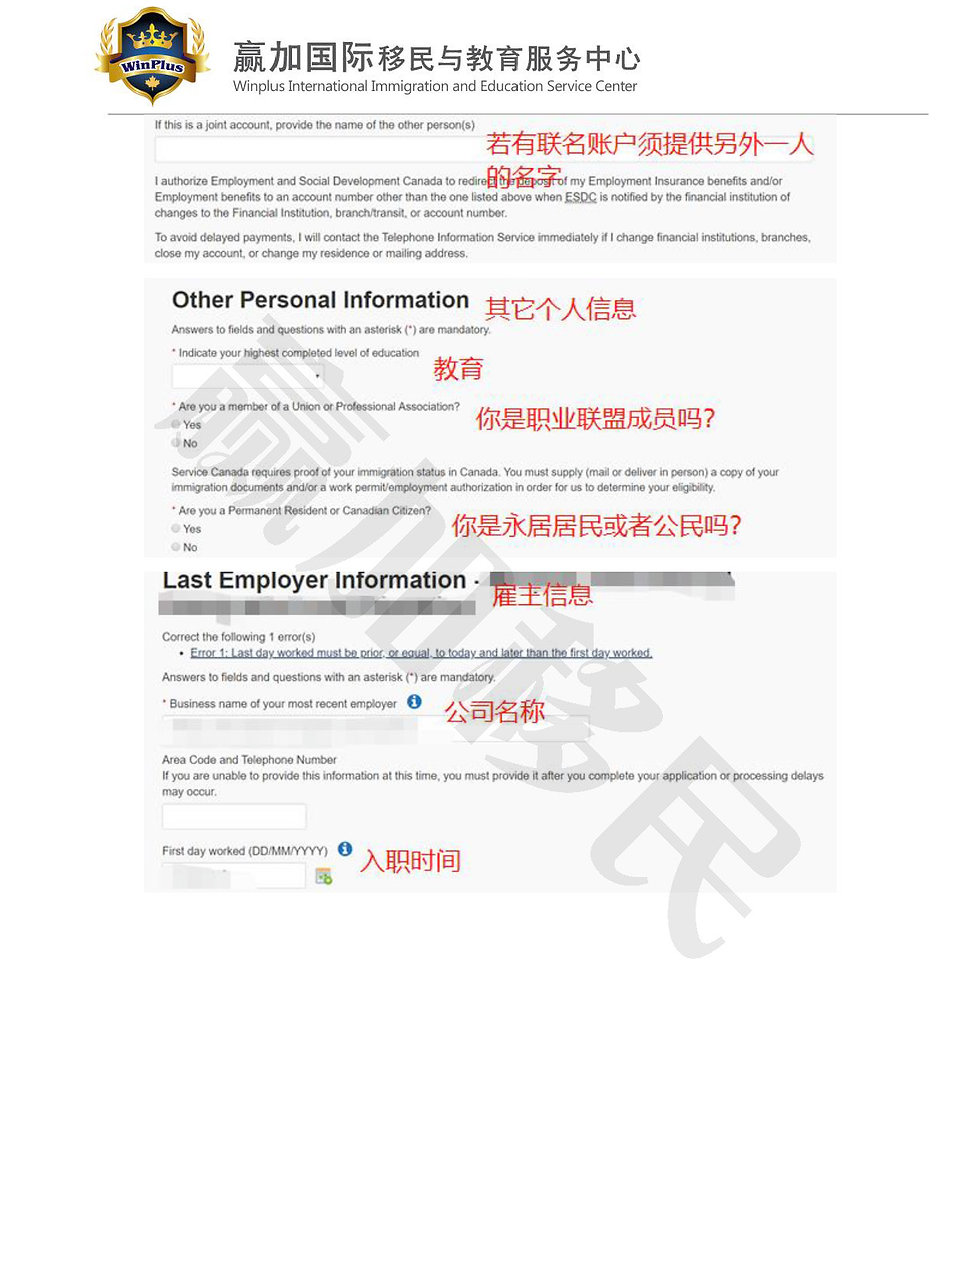 EI申请流程_Page_06.jpg